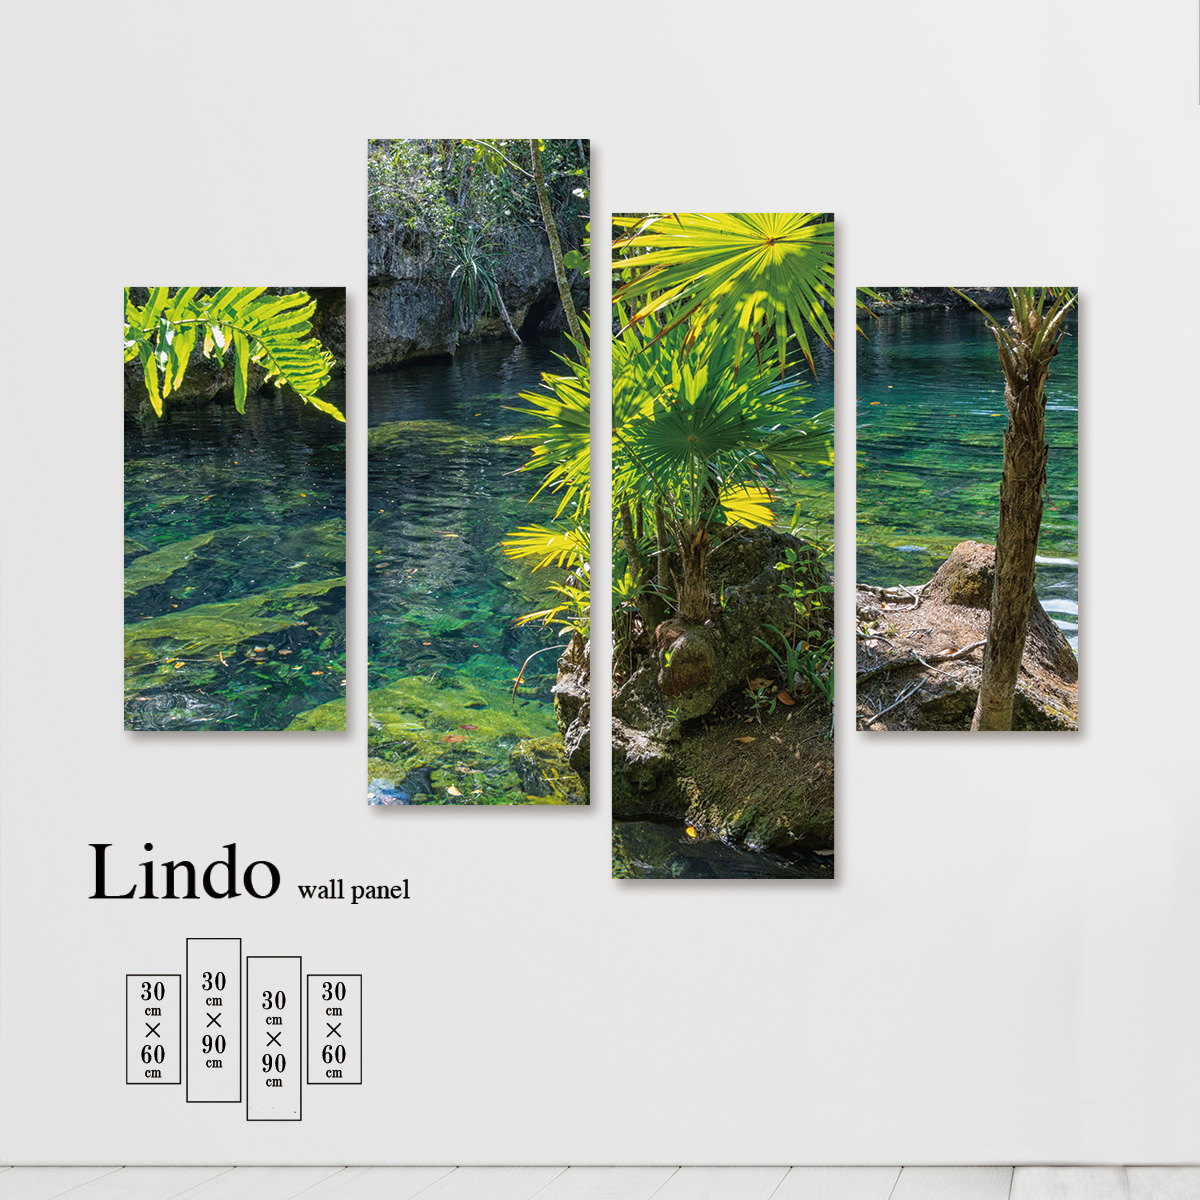 ファブリックパネル 葉っぱ リーフ 自然 ナチュラル 木 グリーン 湖 壁掛け 北欧 お洒落 デザイン アート 壁飾り アートボード 4枚パネル